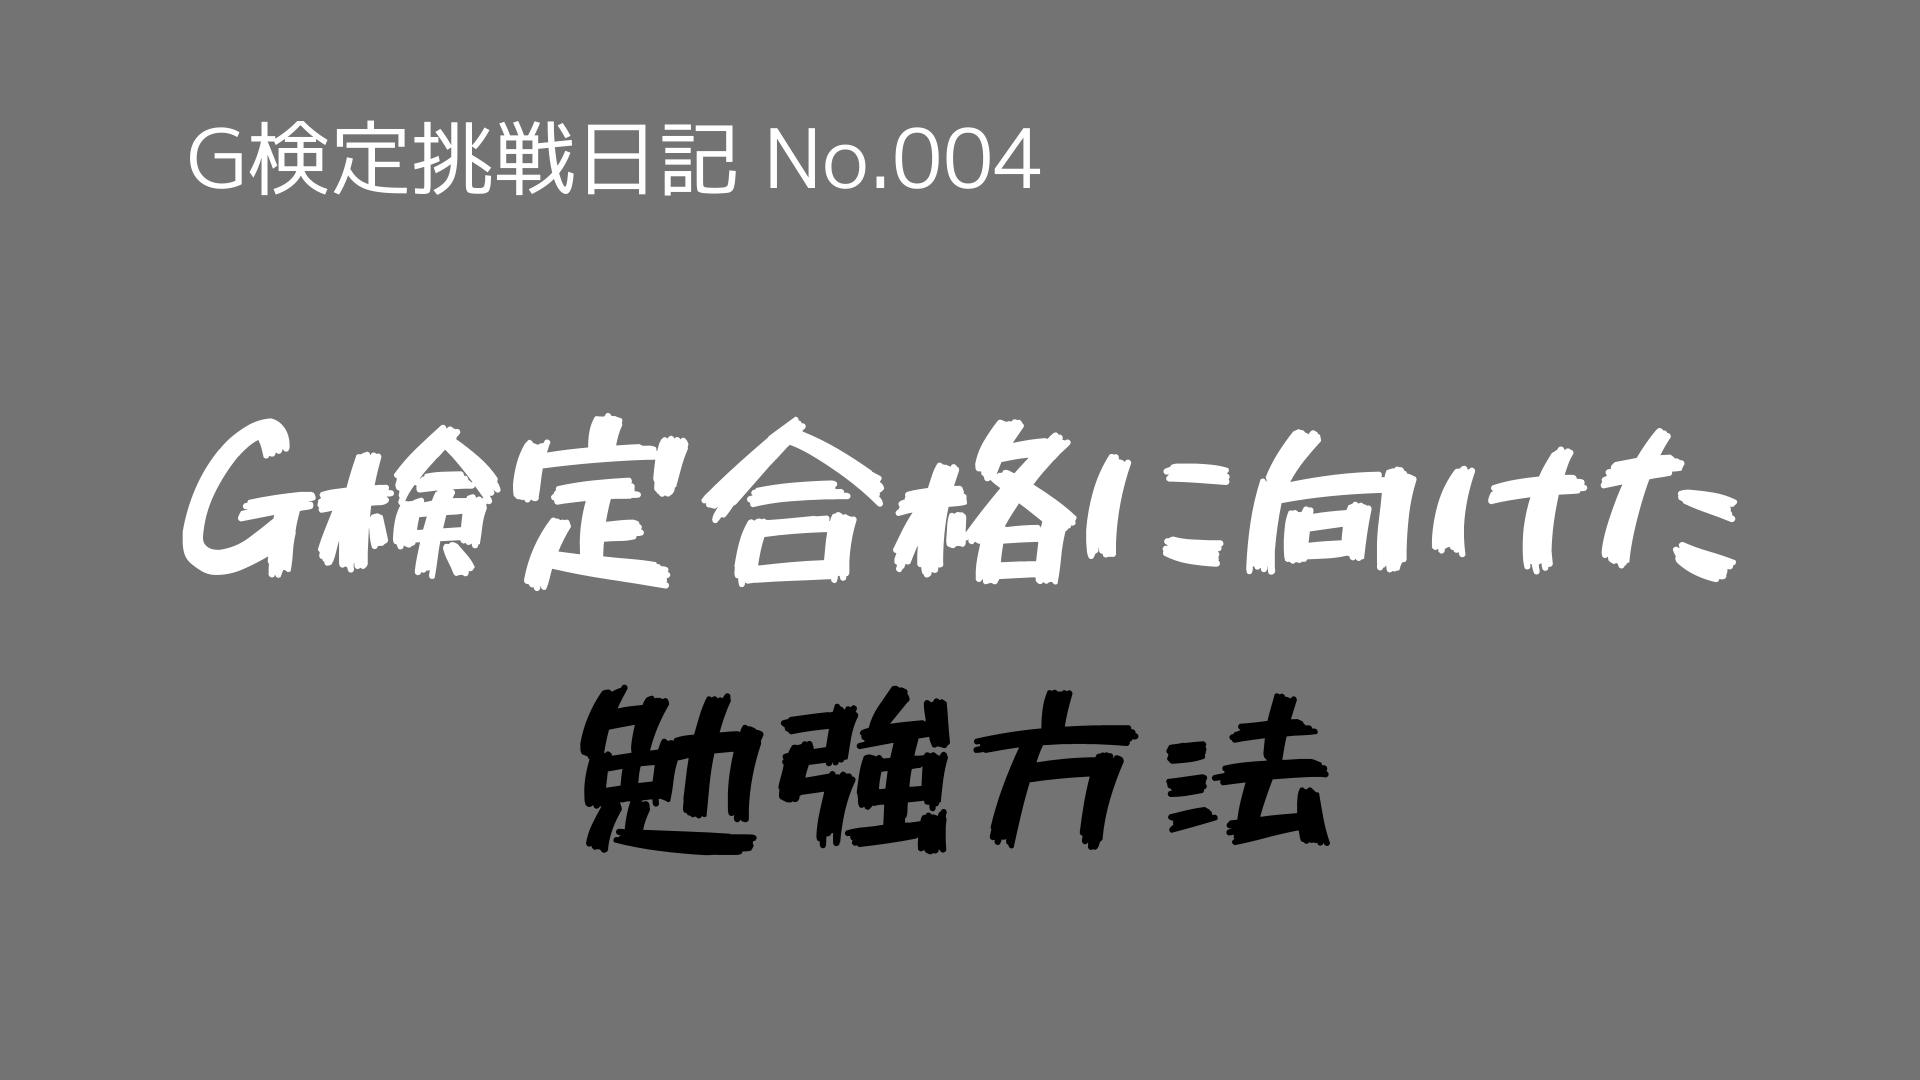 (G検定挑戦日記-No.004)G検定に合格するため、どのような勉強にするか?